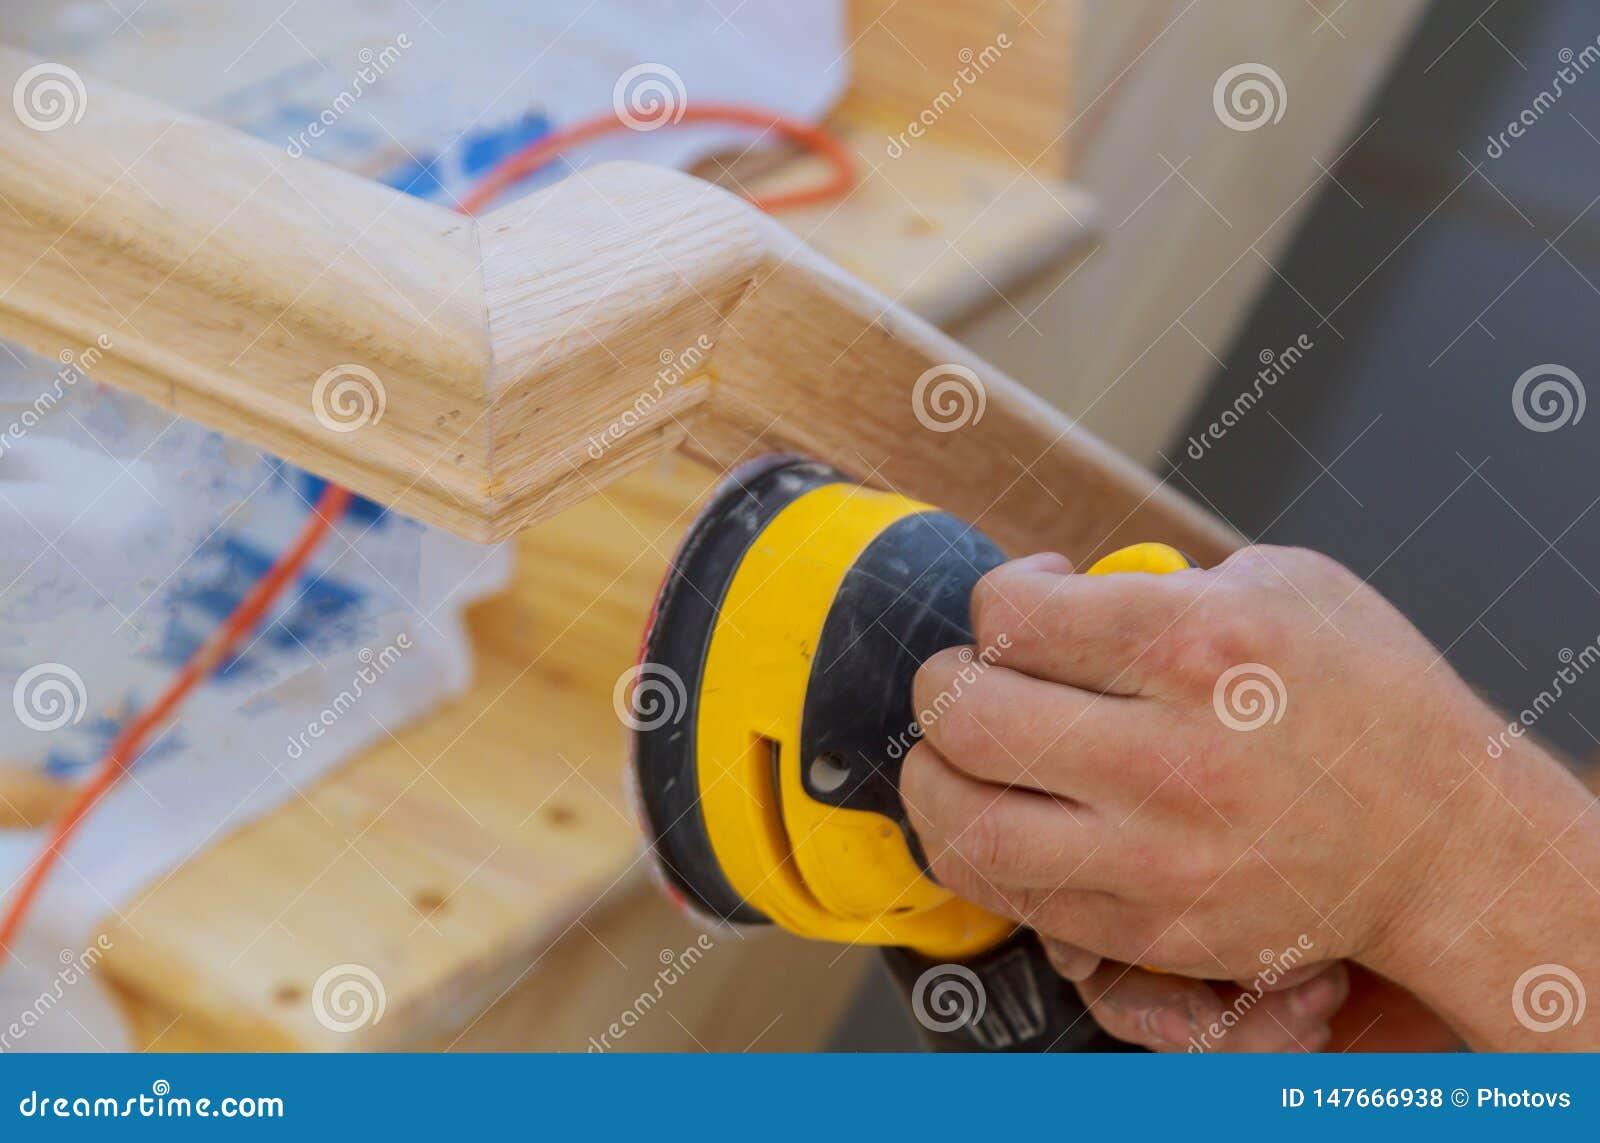 Máquina de lixar da renovação dos corrimão do renovtion das escadas para corrimão de madeira